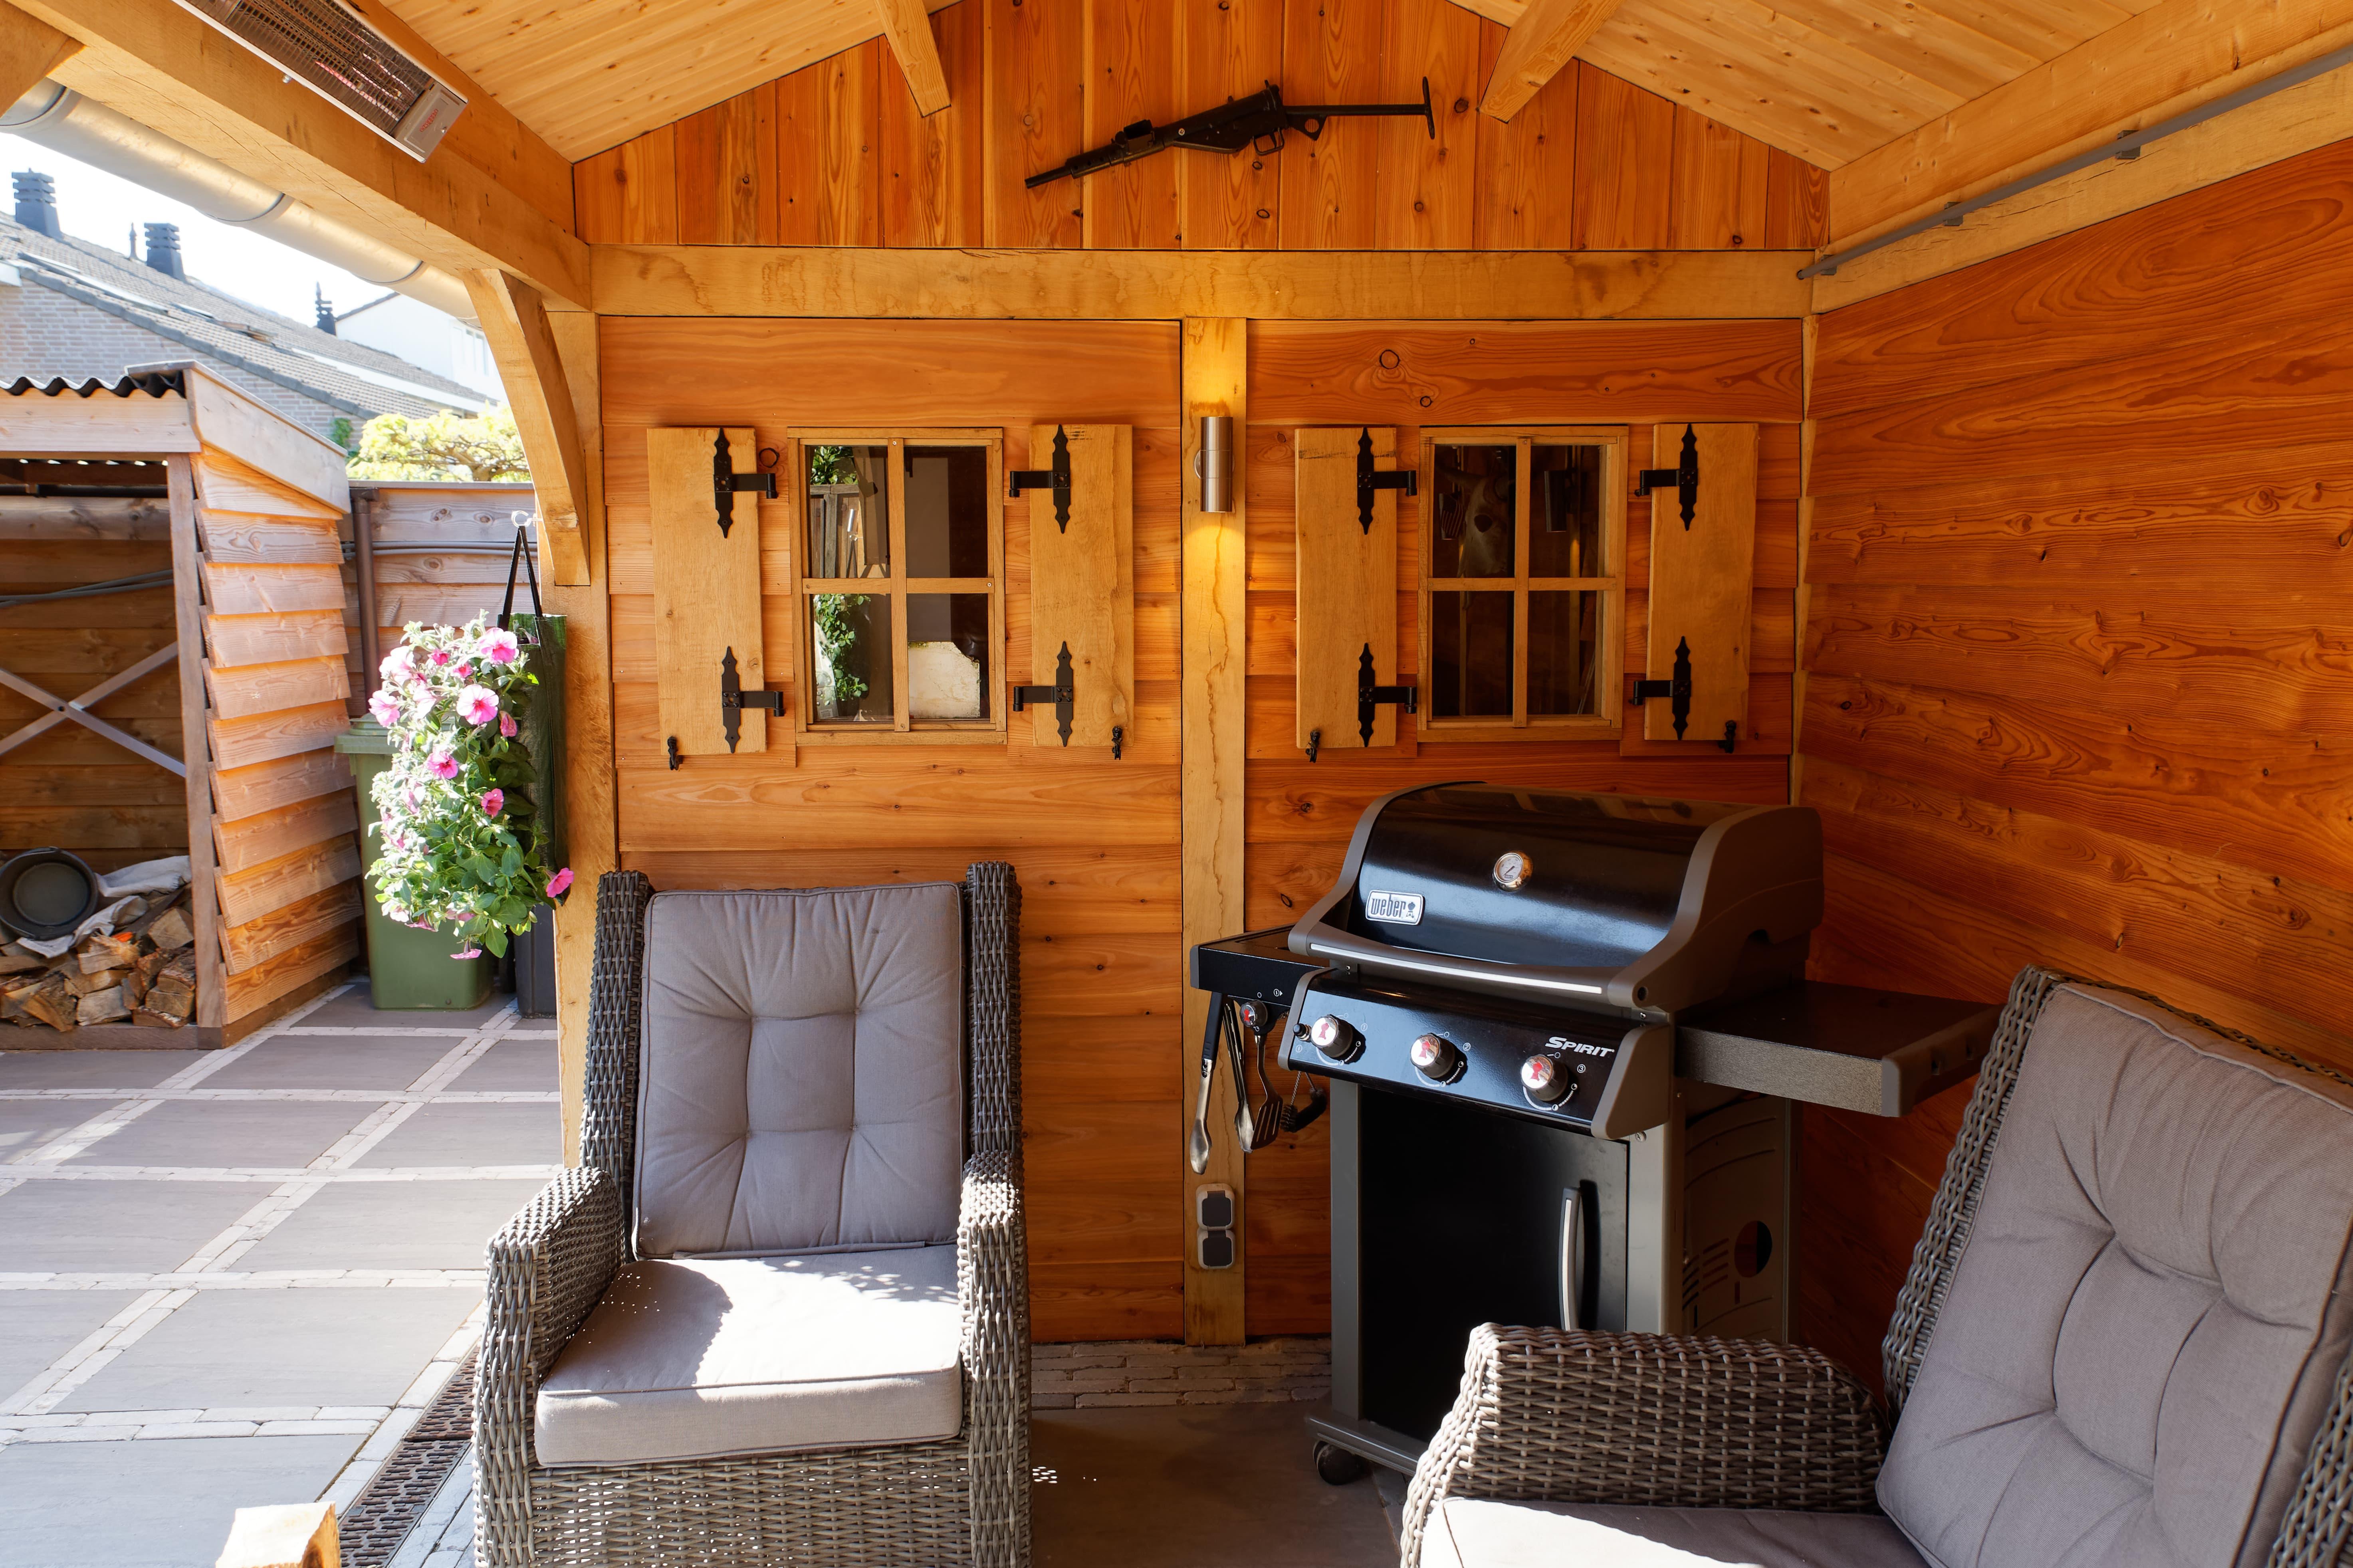 houten-tuinhuis-met-overkapping-6 - Project Hoofddorp: Eiken tuinhuis met veranda